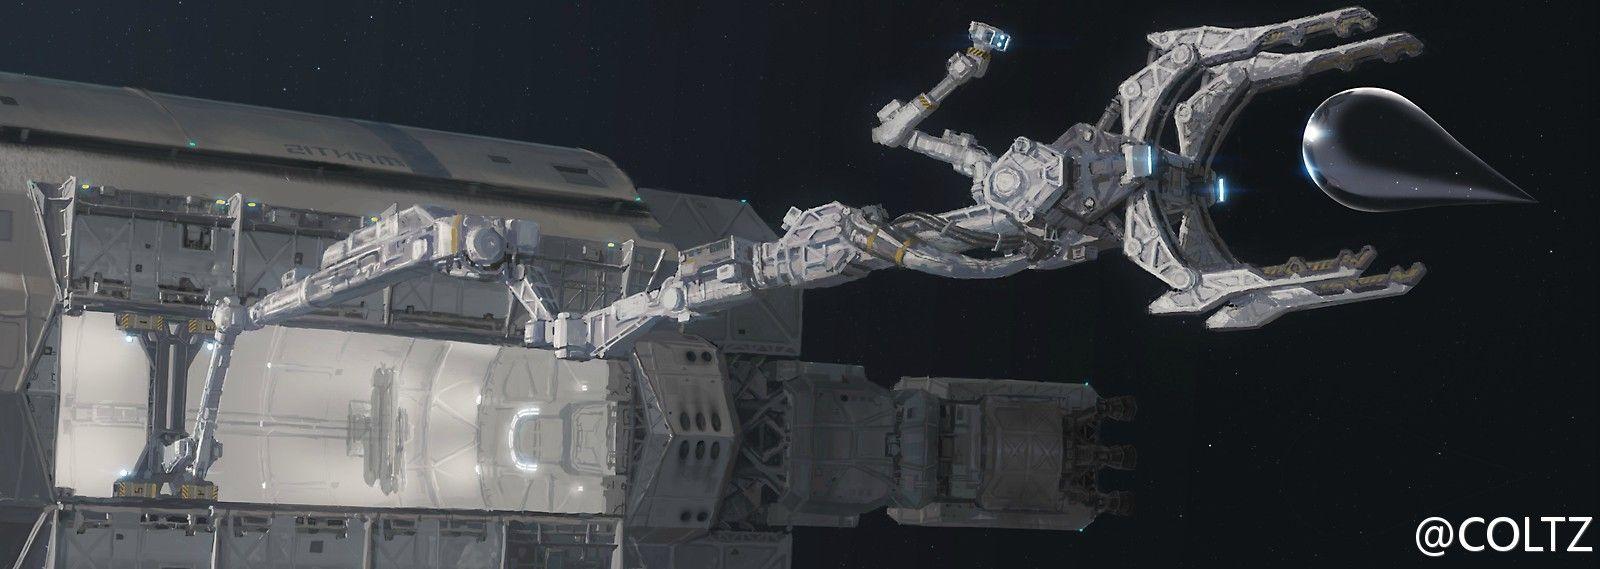 Resultado de imagem para Space human fleet